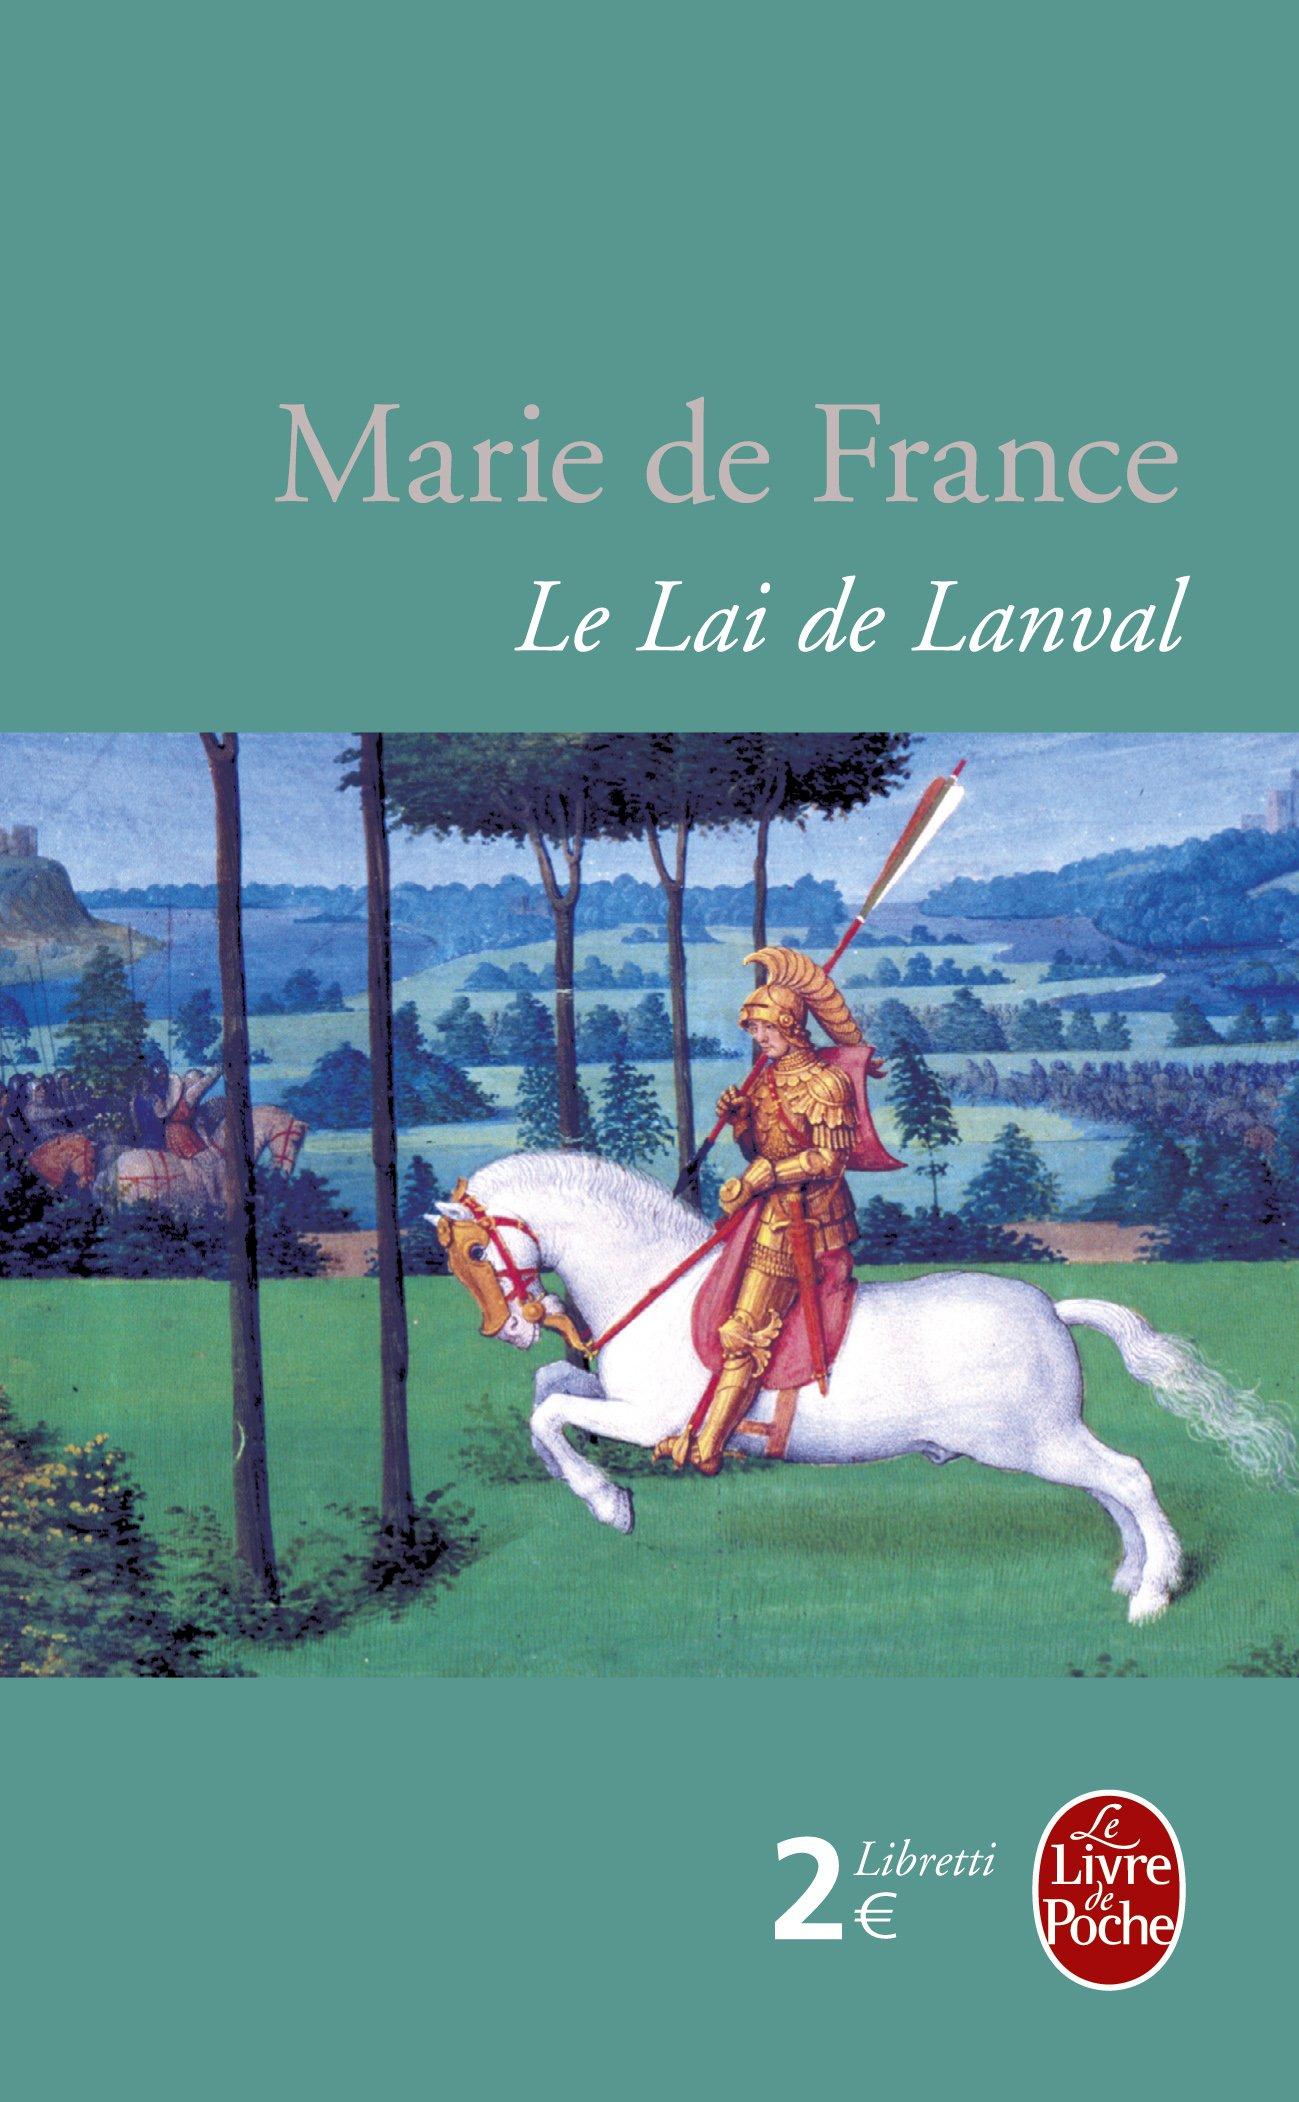 marie de france lanval